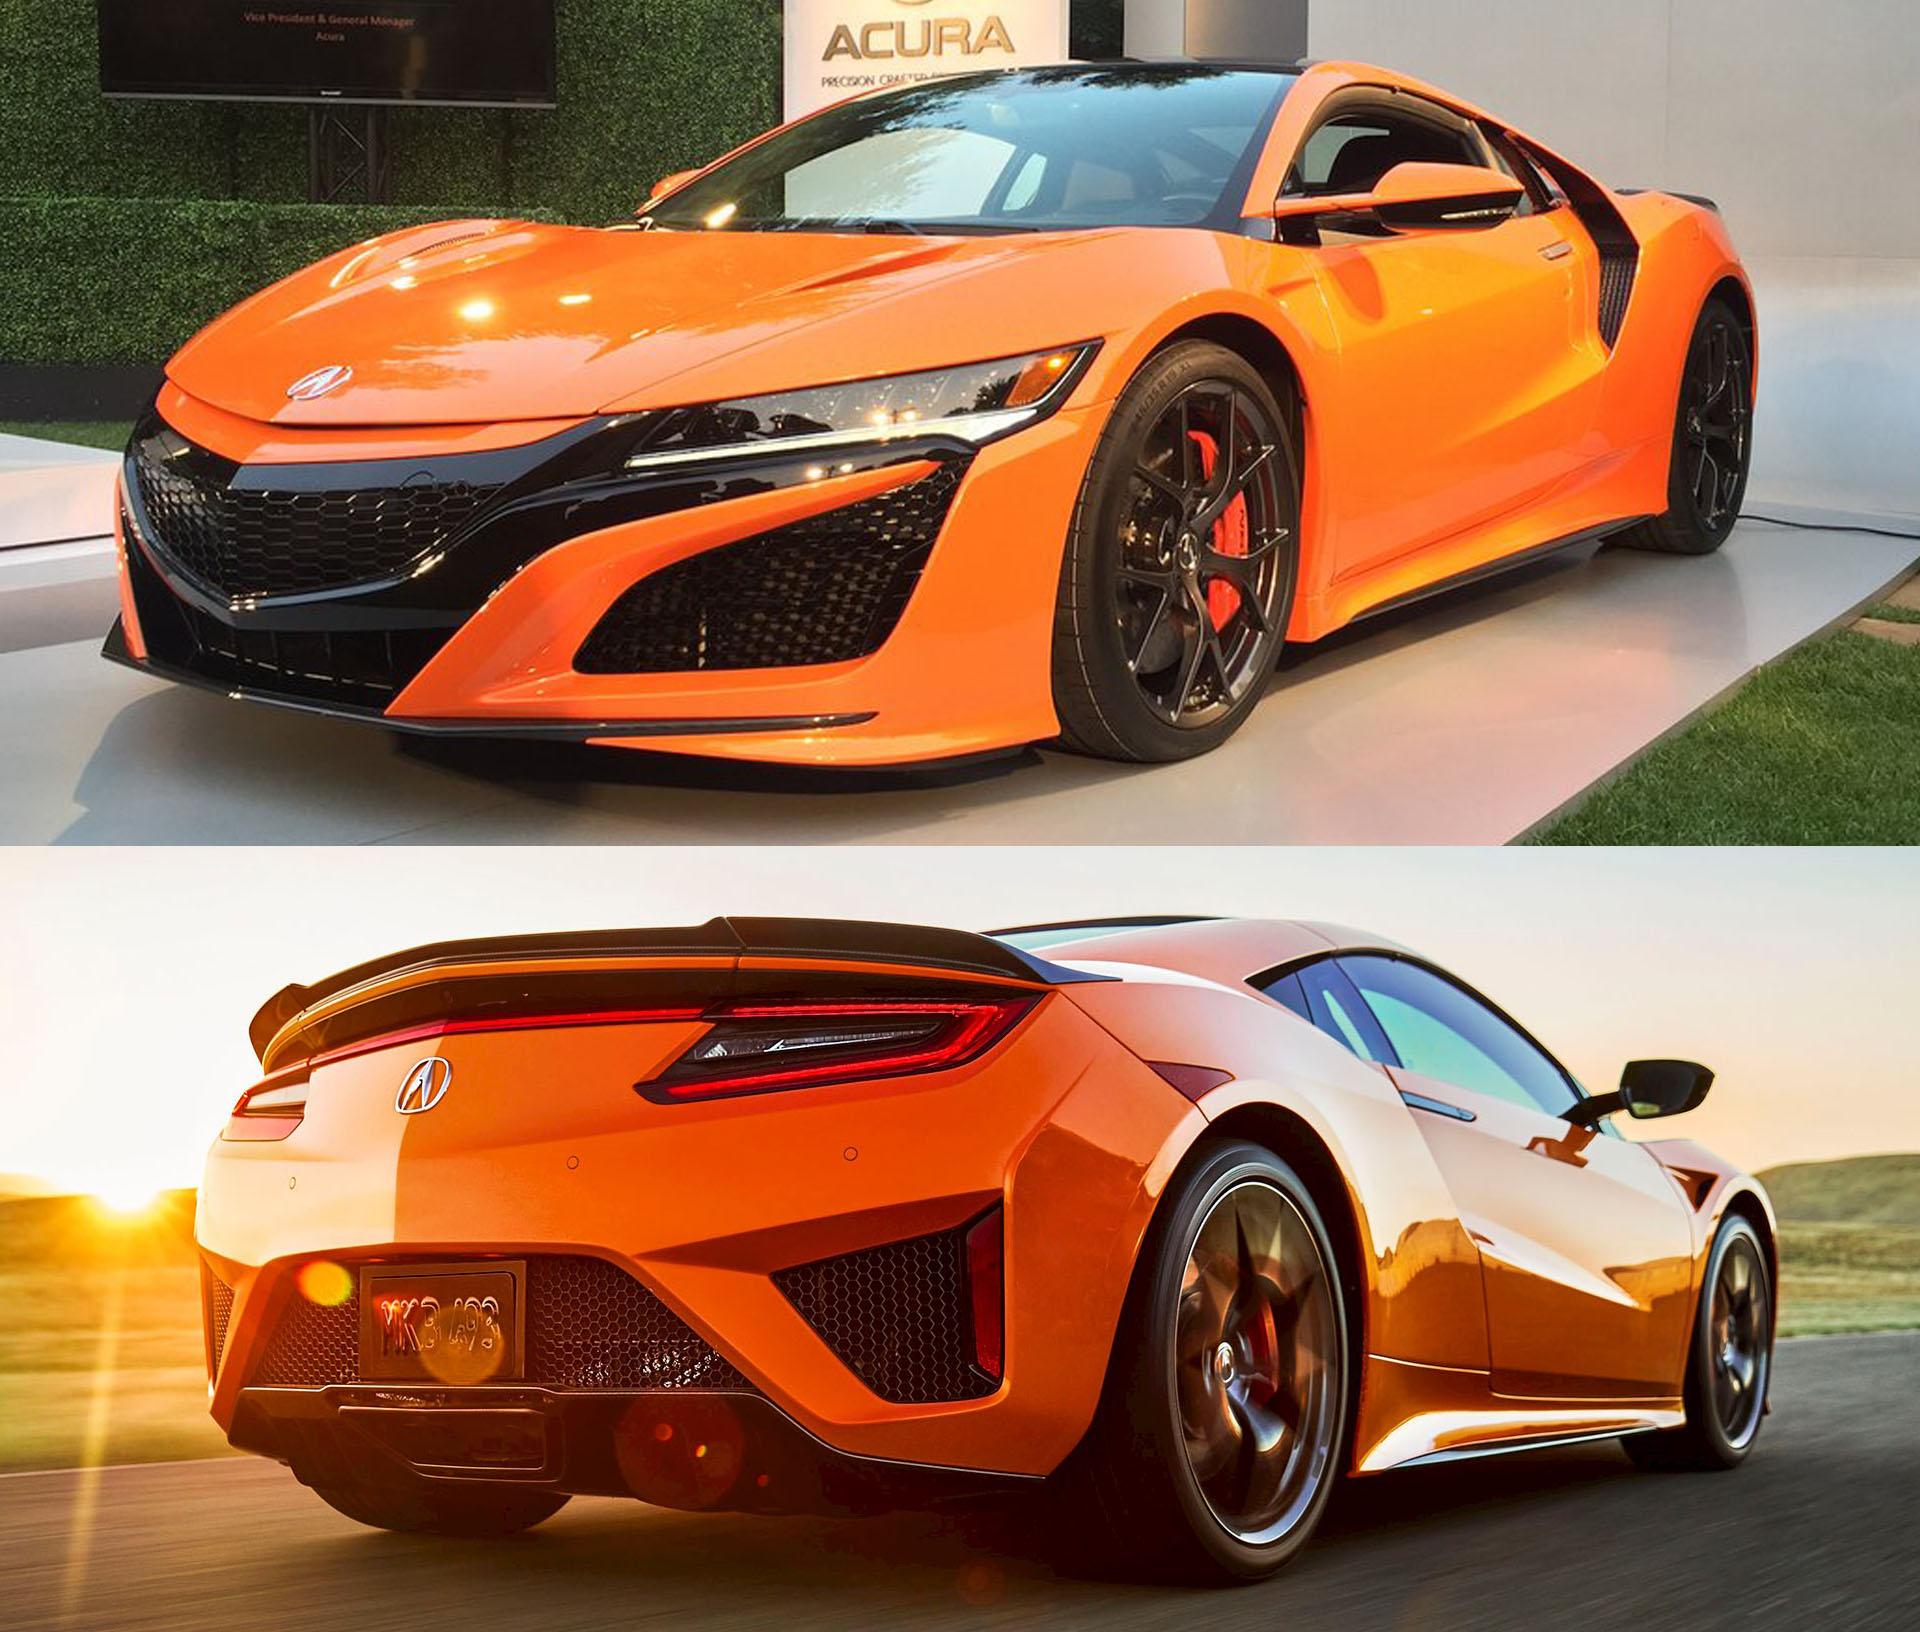 خودروهایی که قرار است سال ۲۰۱۹ معرفی شوند (بخش اول)